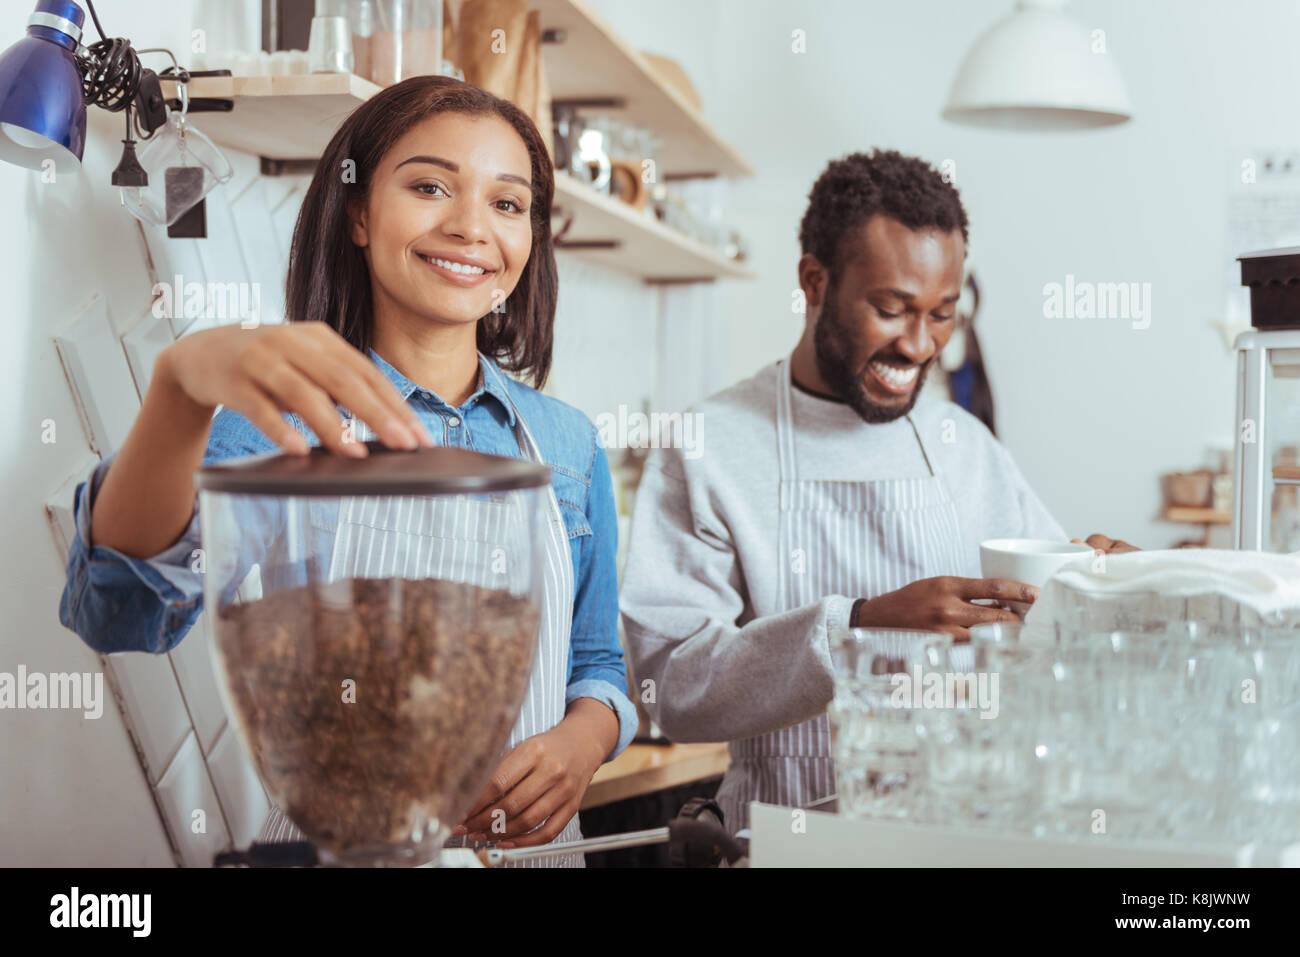 Fröhlichen neuen baristas Ausbildung ihren Kaffee - Kunst Stockbild